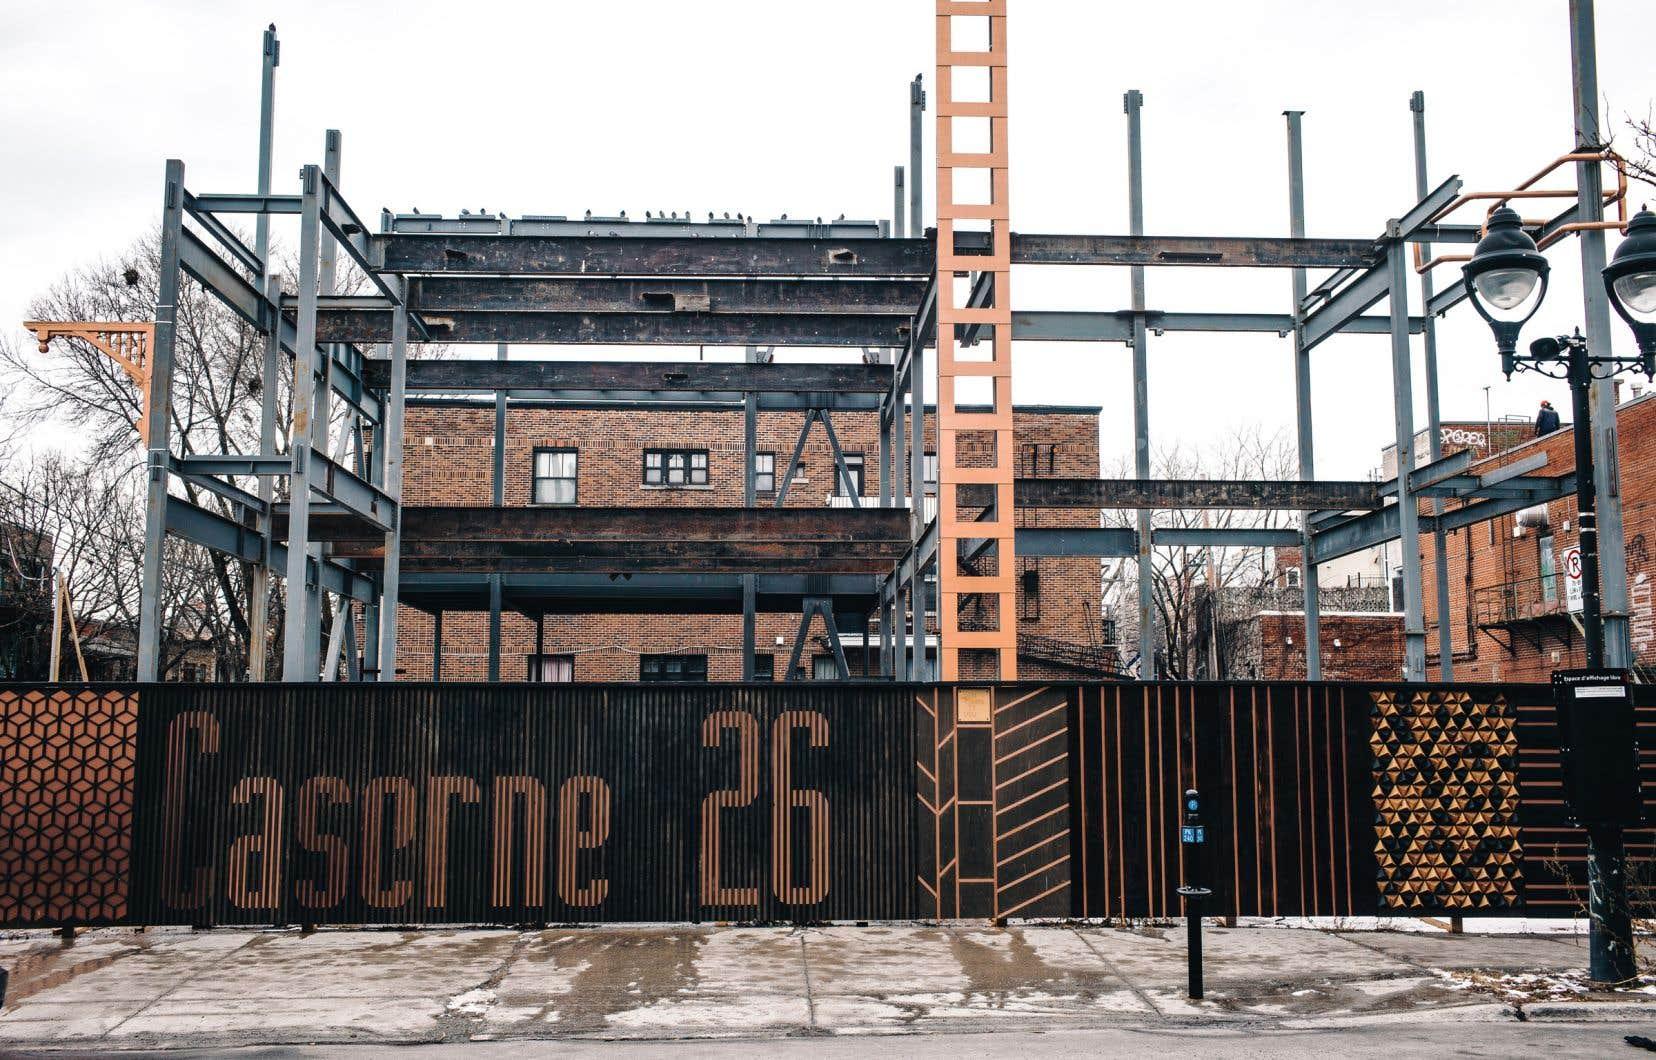 Voilà près de trois ans que le projet de rénovation de la caserne 26 est en pause dans l'arrondissement du Plateau-Mont-Royal, à l'angle des avenues Mont-Royal et des Érables.